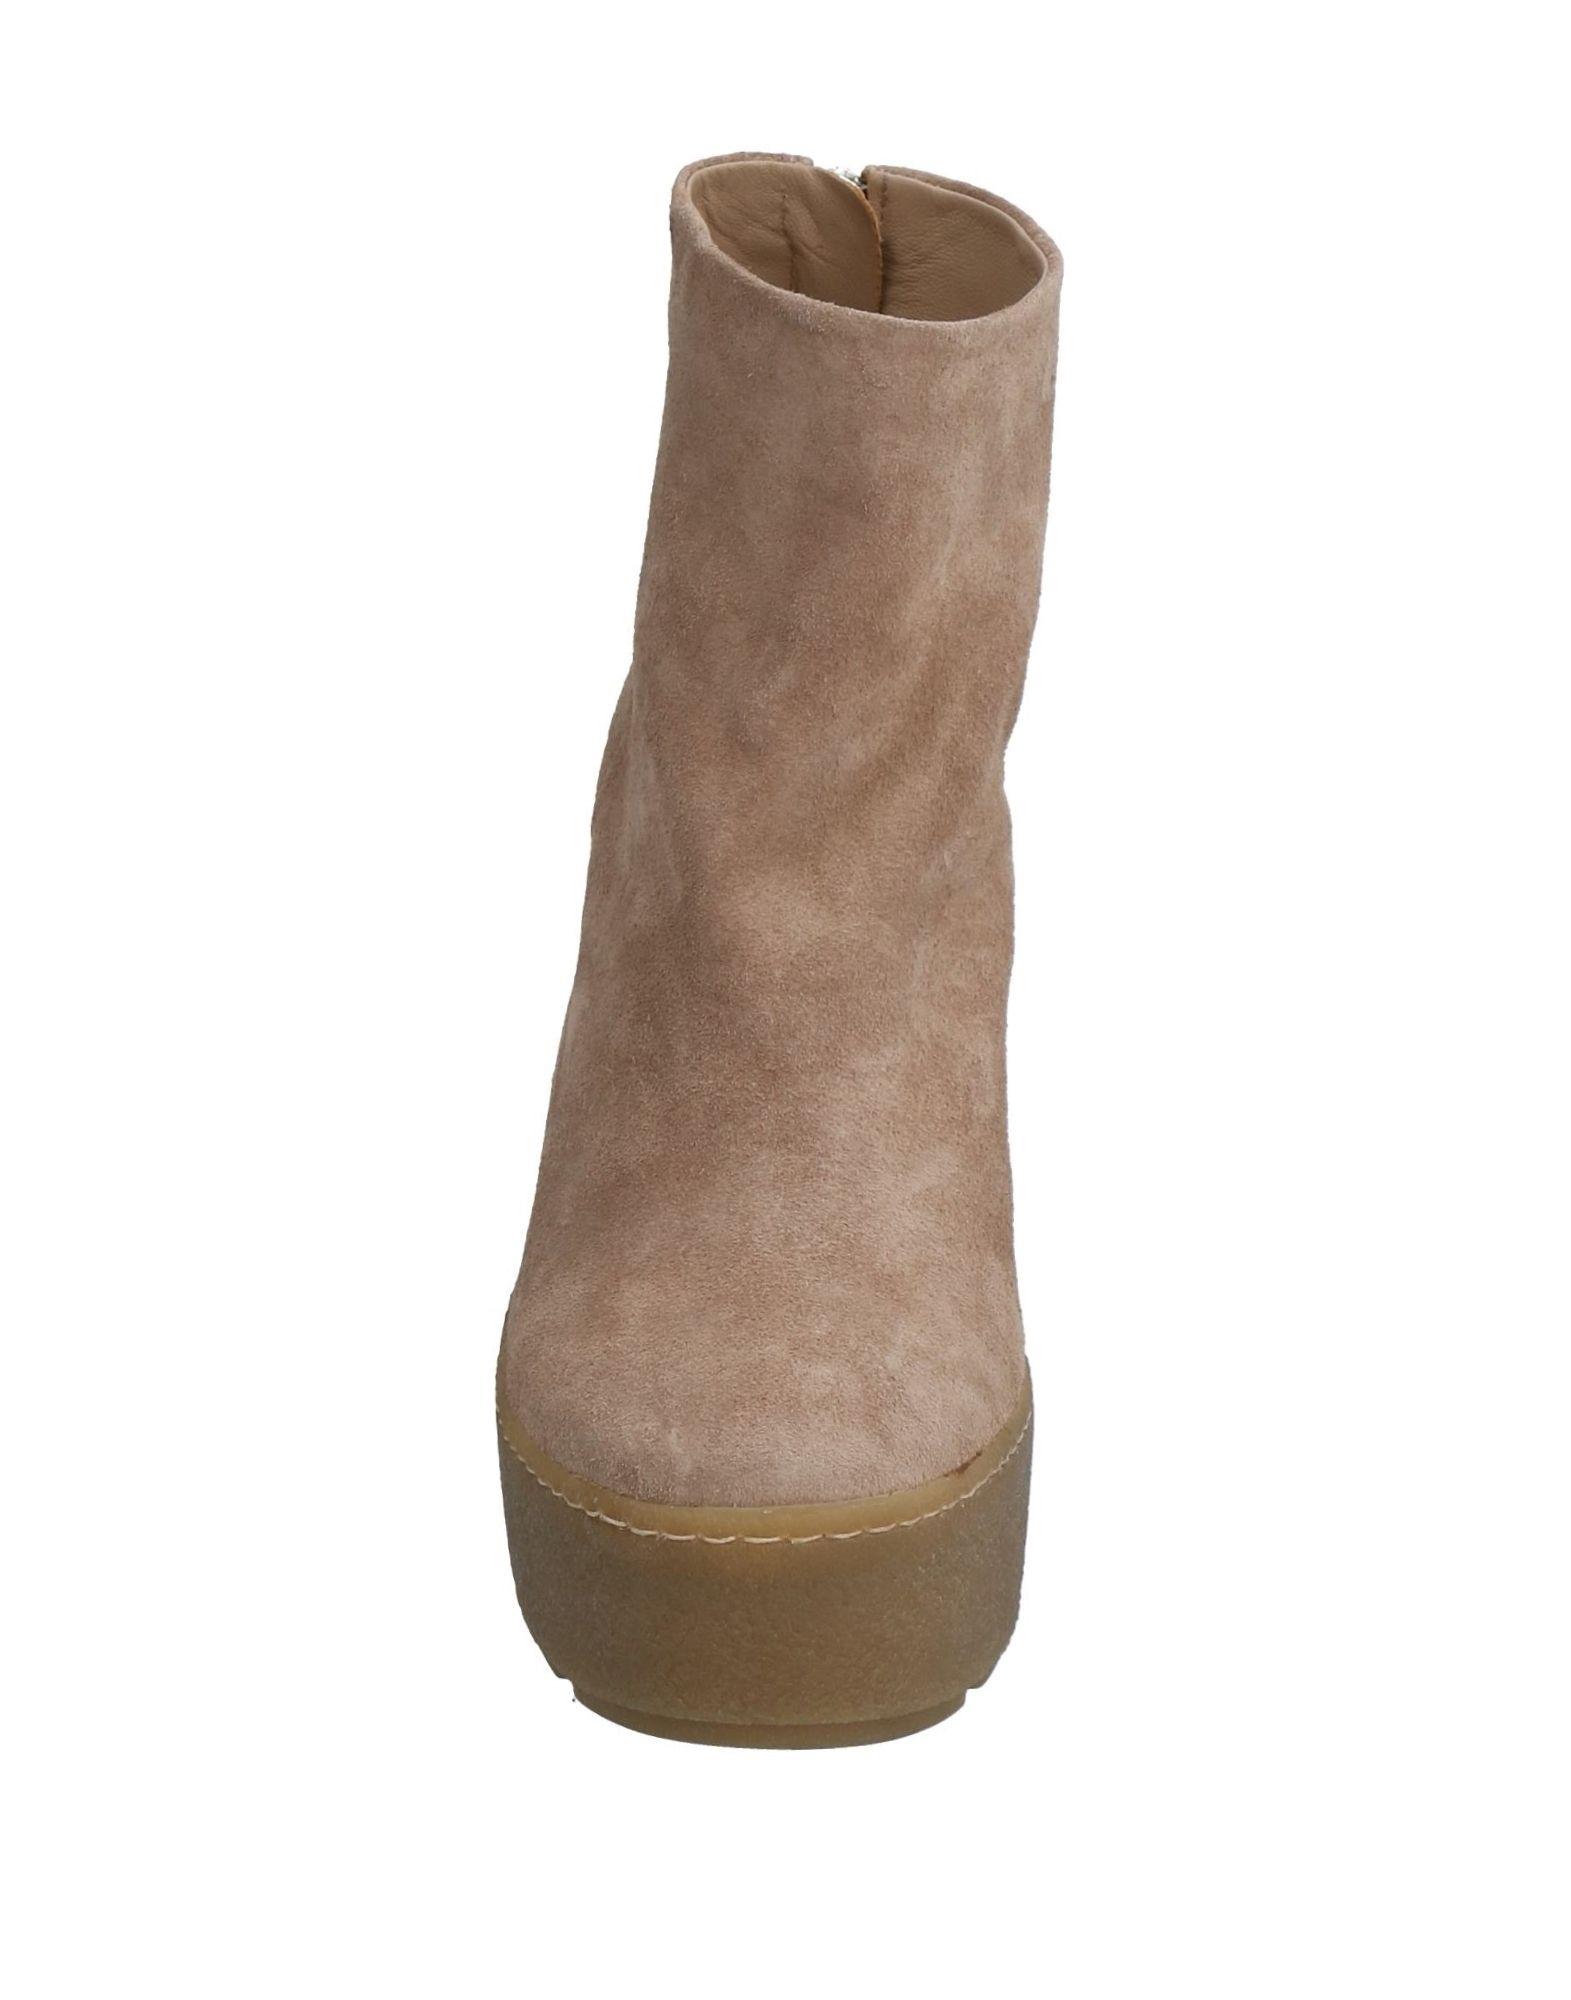 87 Vic Matiē Stiefelette strapazierfähige Damen  11532559FBGut aussehende strapazierfähige Stiefelette Schuhe 8e1a45